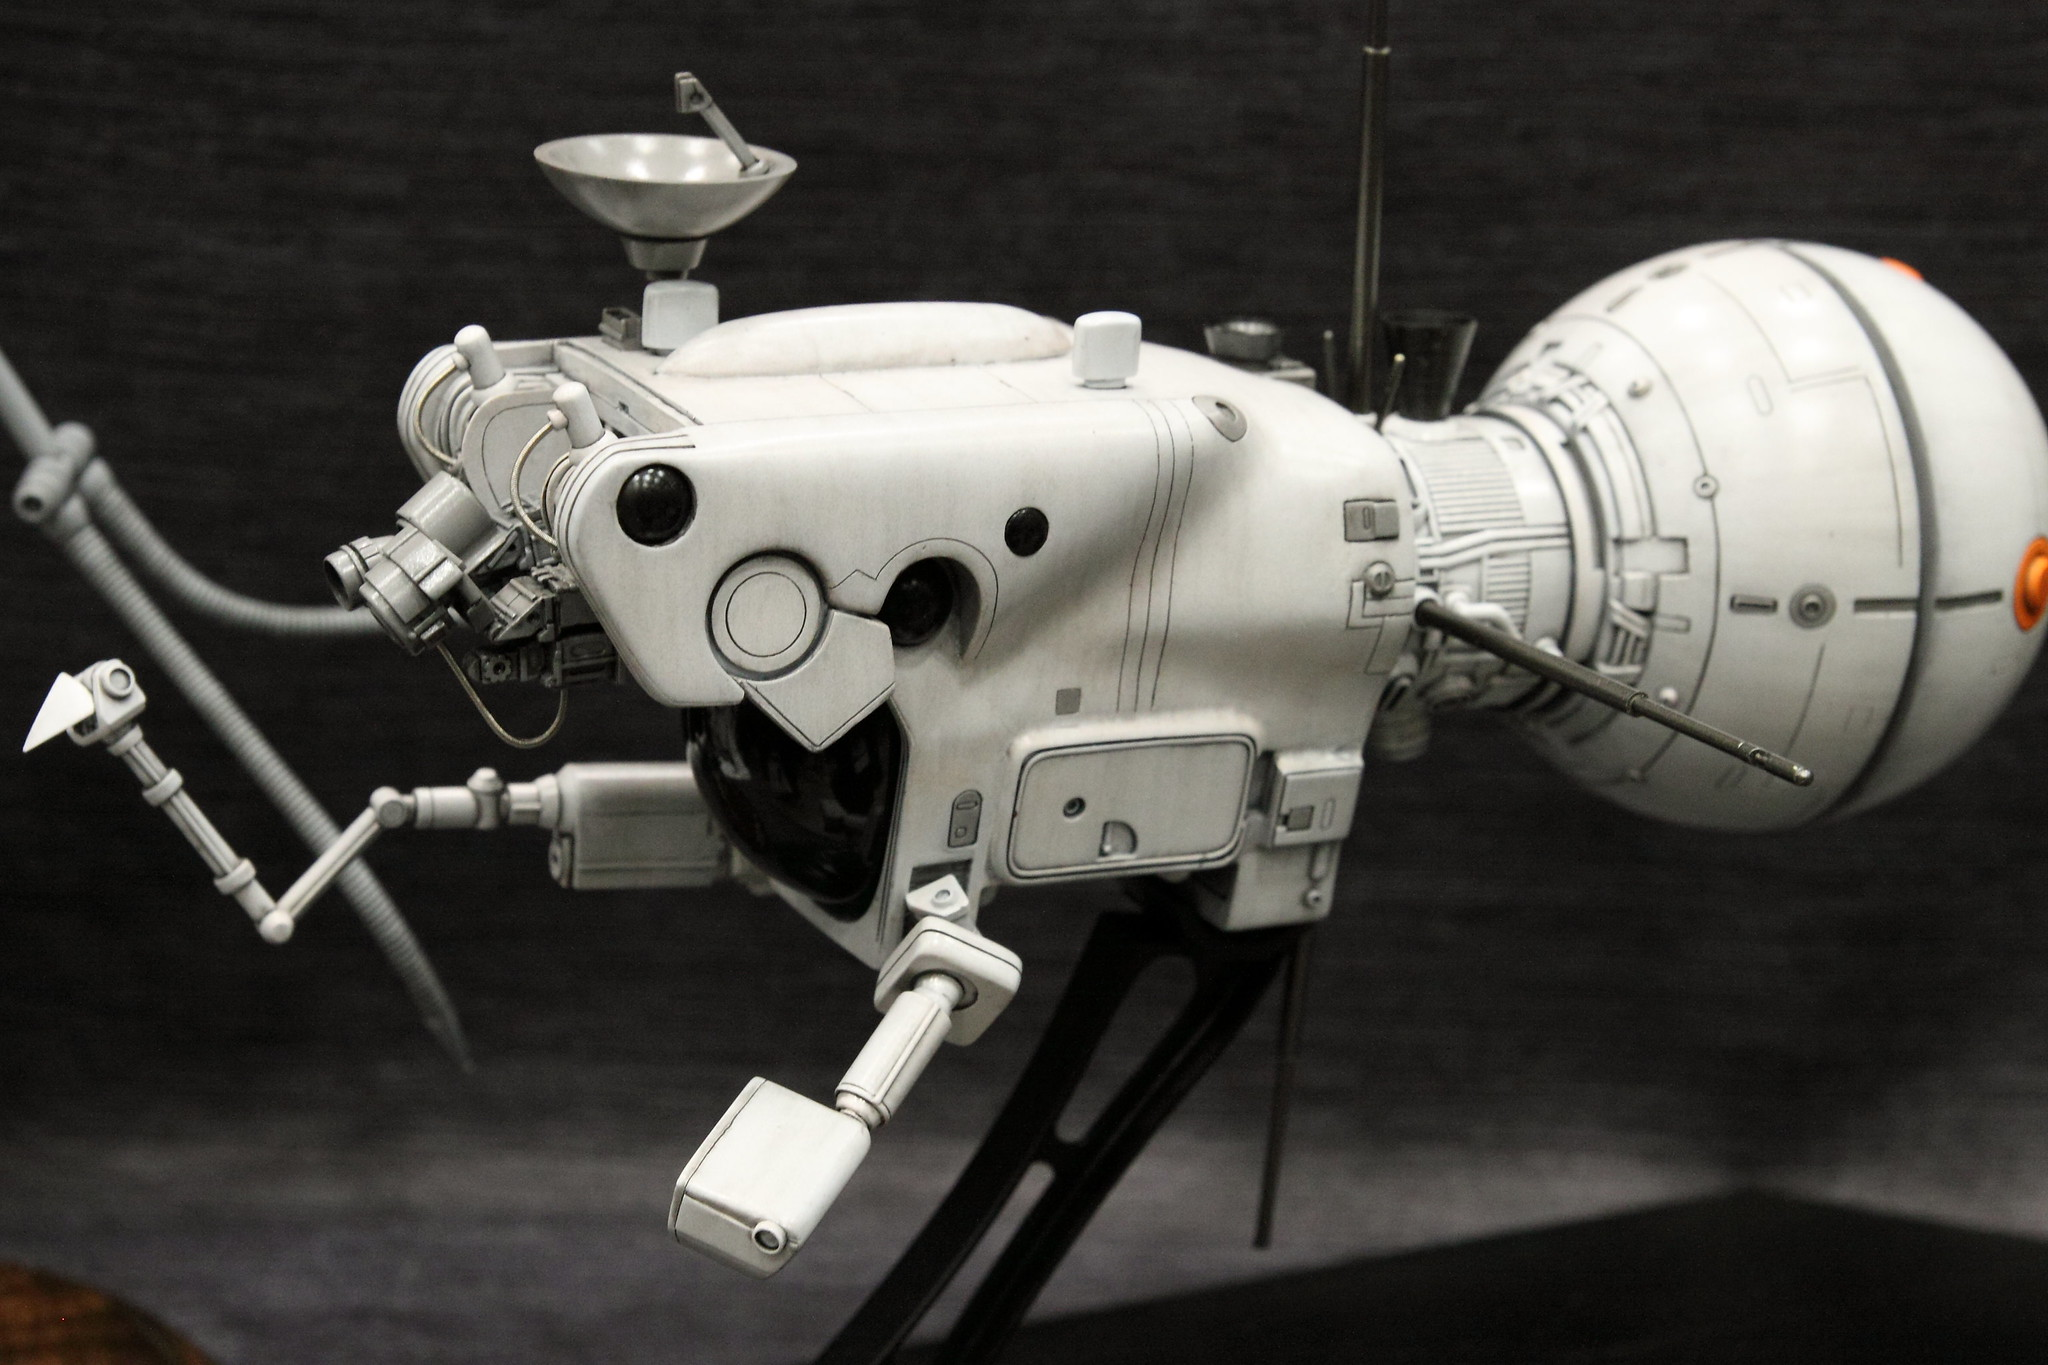 M-door 宇宙探査艇